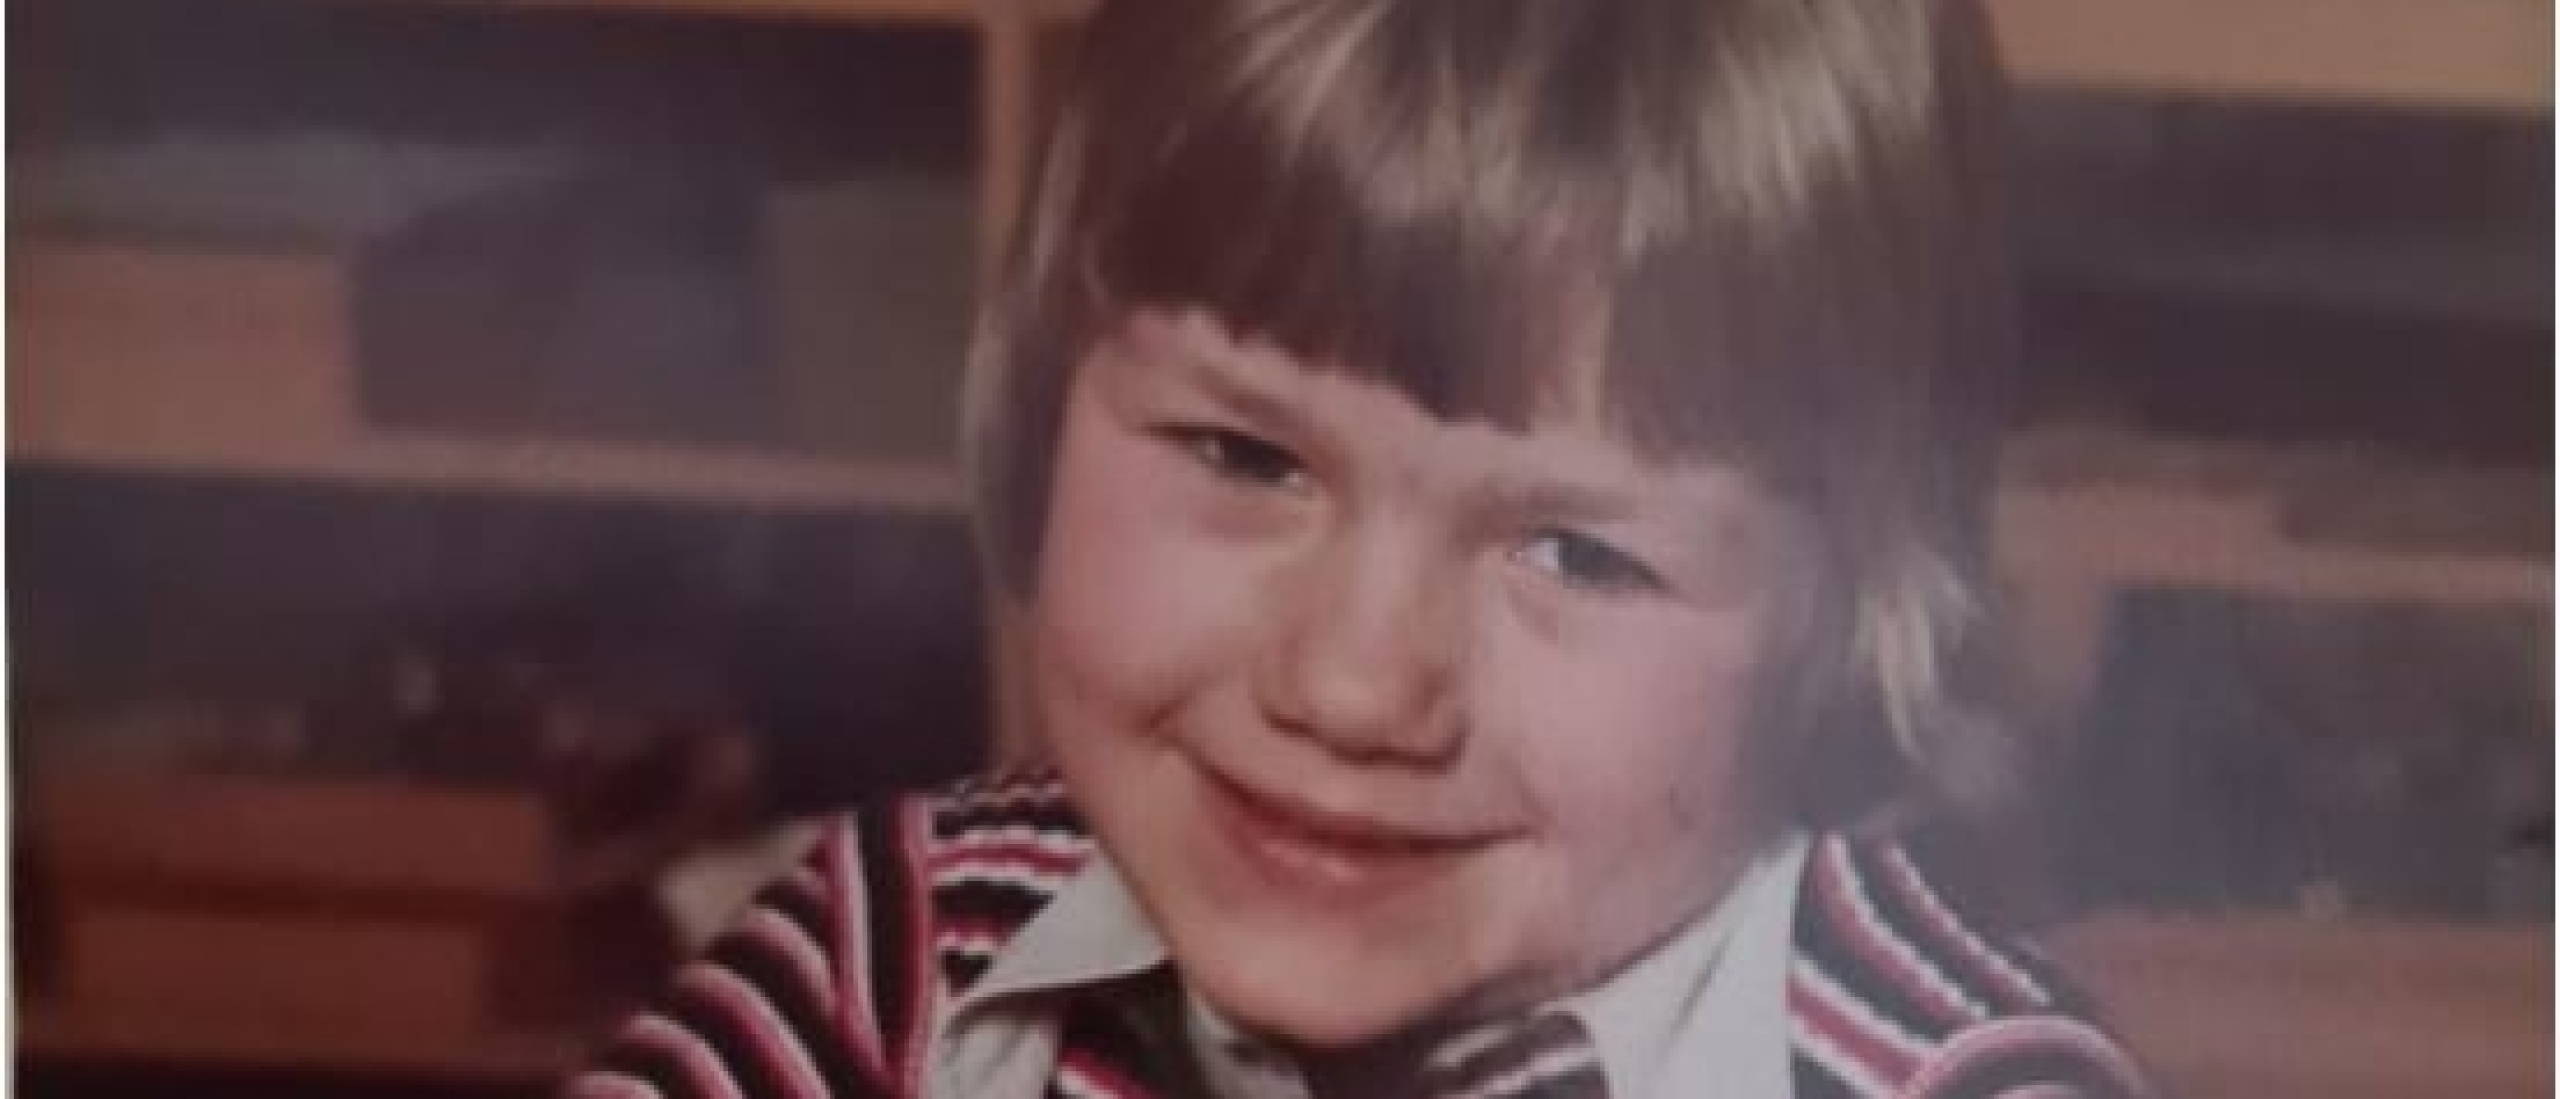 De kindertijd van Corine van Zoelen - 49 jaar